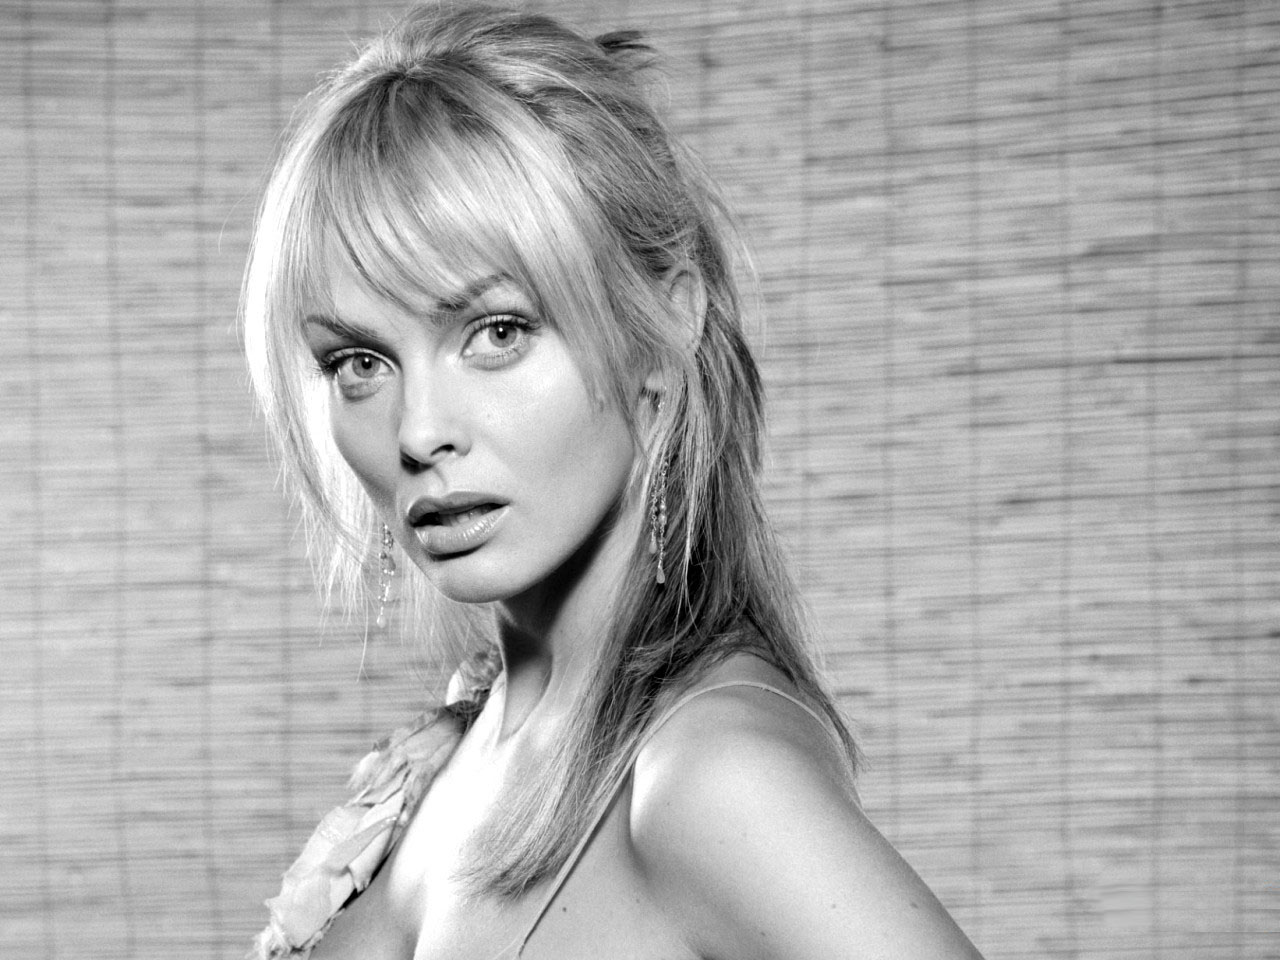 Celebrites Izabella Scorupco nudes (52 foto and video), Ass, Is a cute, Selfie, braless 2015